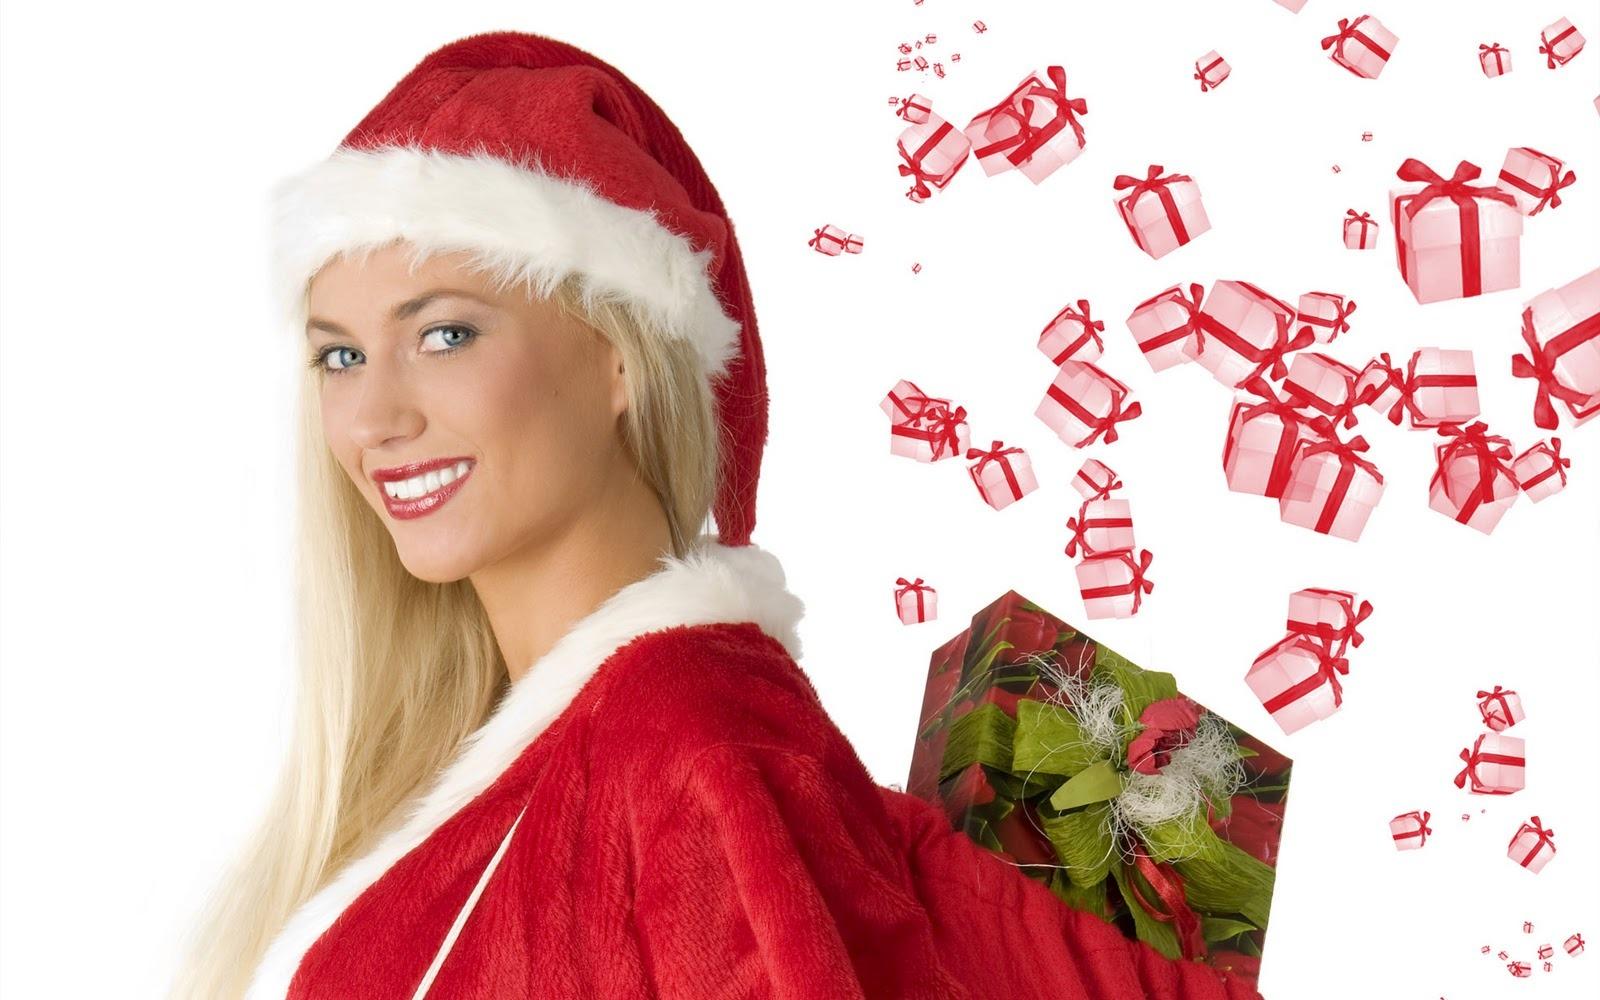 Fondos de Pantalla con Chicas SEXY para Navidad   Taringa 1600x1000